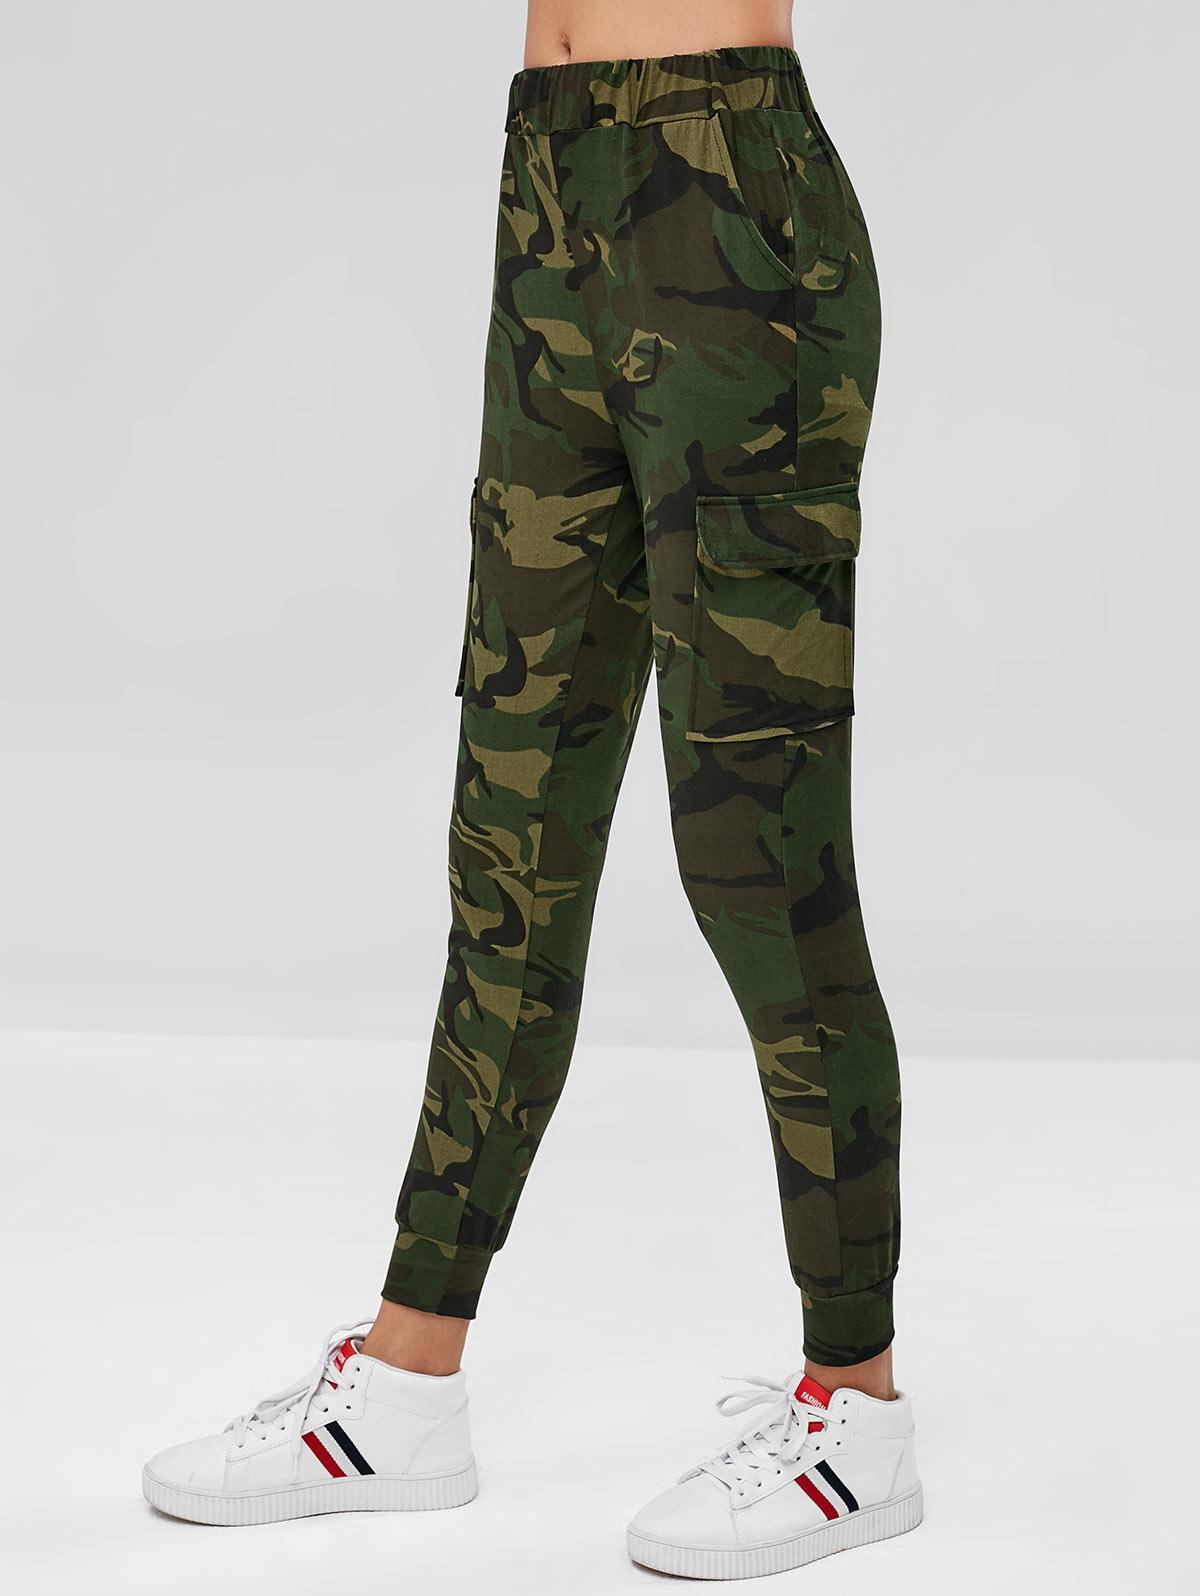 Flap Pockets High Waisted Camouflage Pants, Acu camouflage